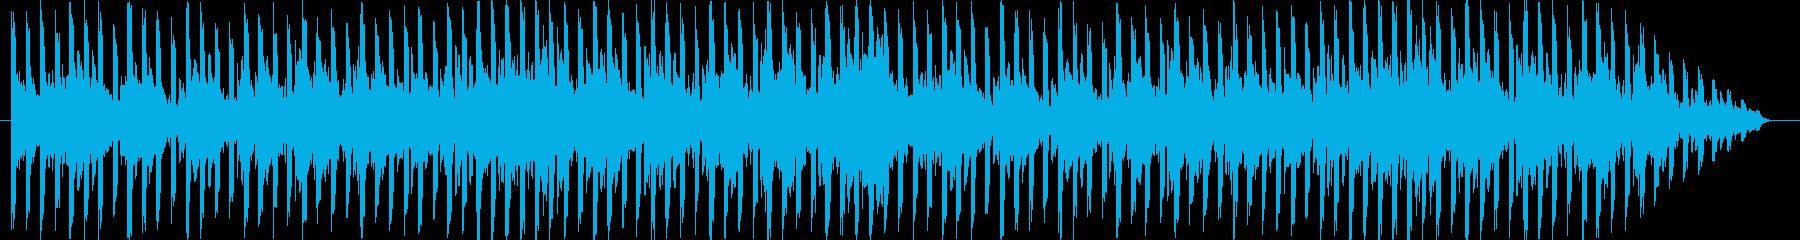 ポップでポジティブなメロディーで素...の再生済みの波形